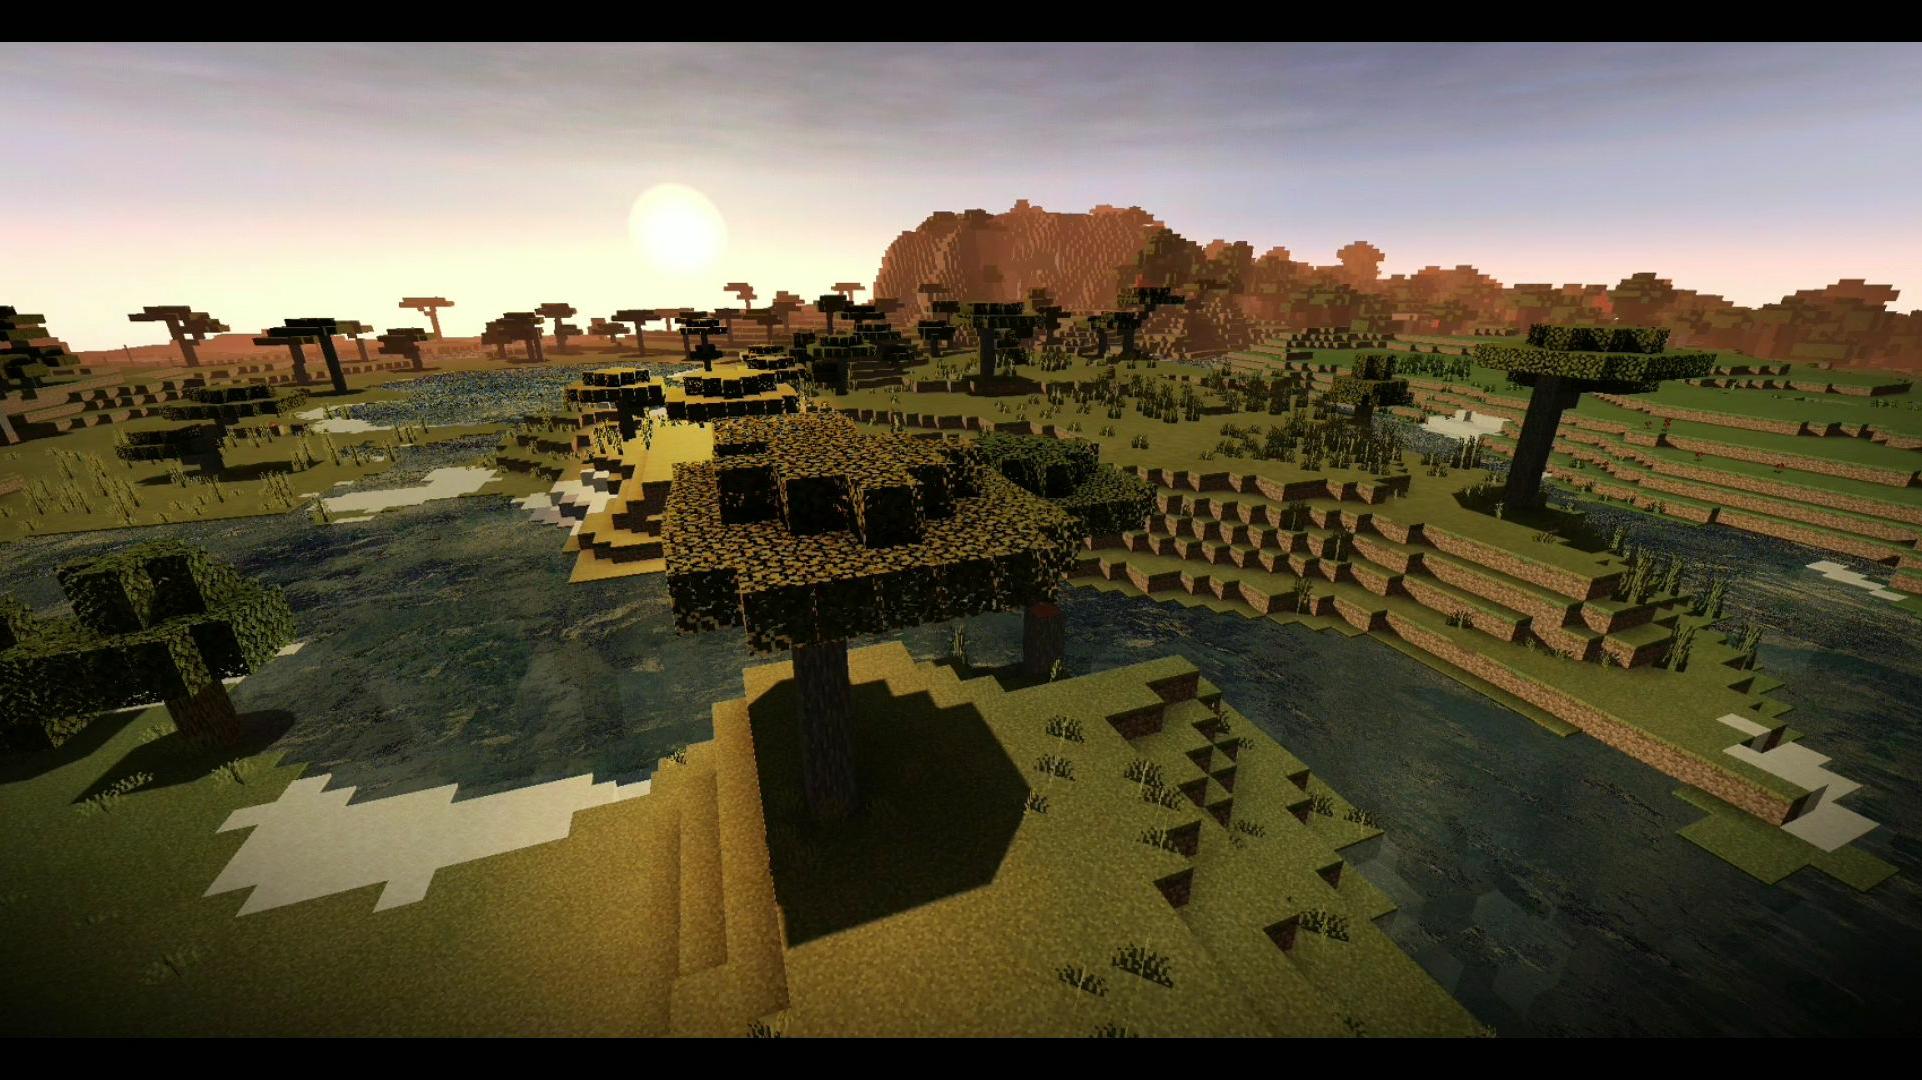 你要想要的效果,这里都有【我的世界Minecraft 基岩版REJS光影效果展示】